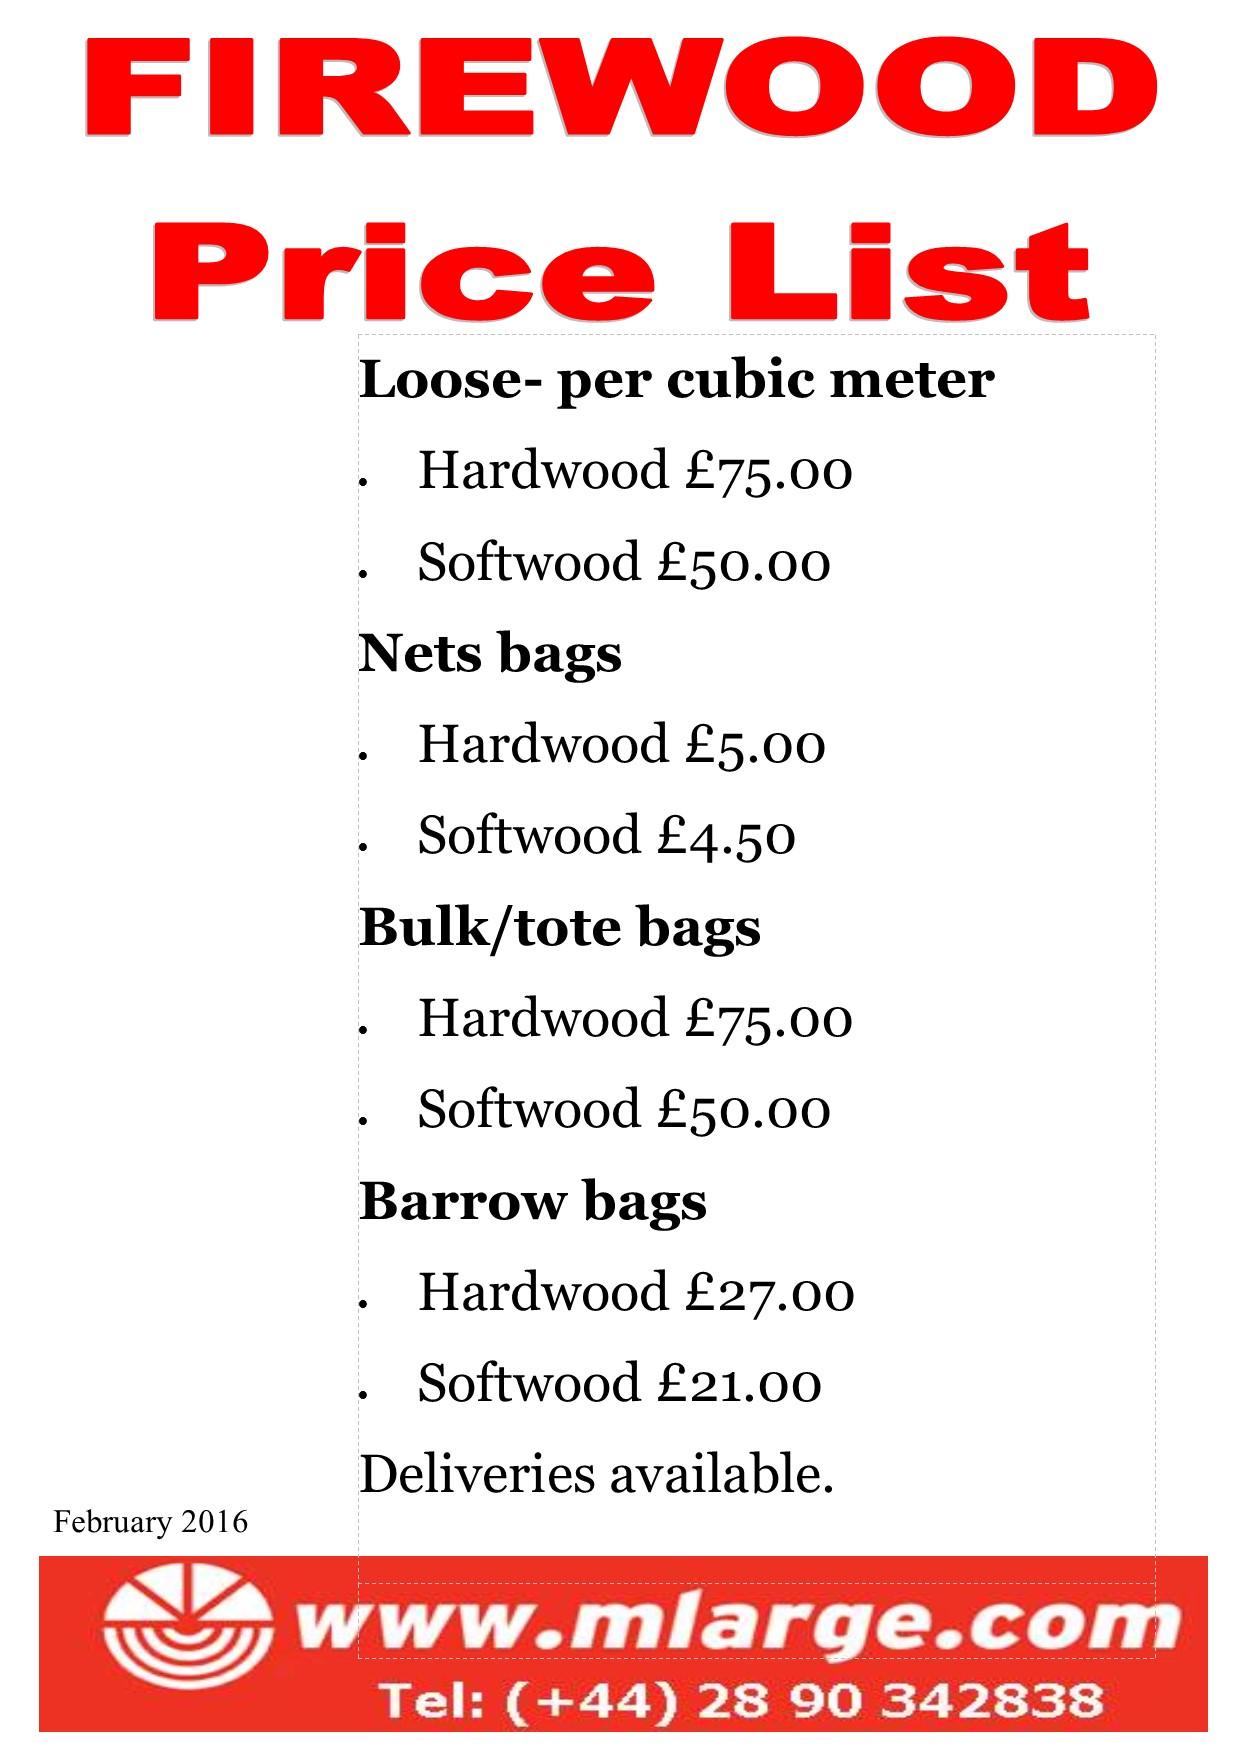 Feb 2016 firewood price list